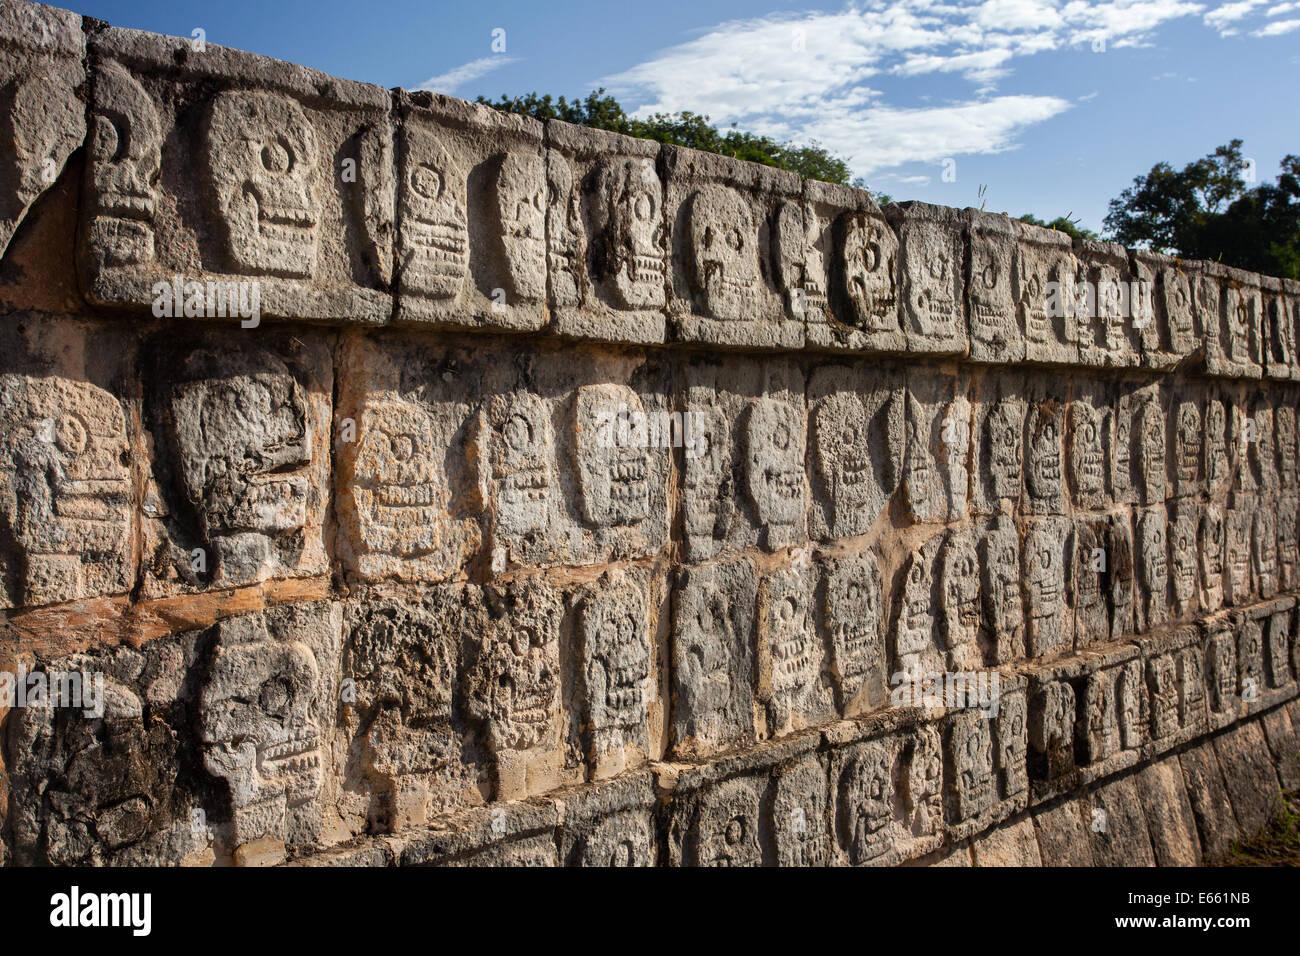 El tzompantli o muro de cráneos, en CHICHEN-ITZA, Yucatán, México. Imagen De Stock